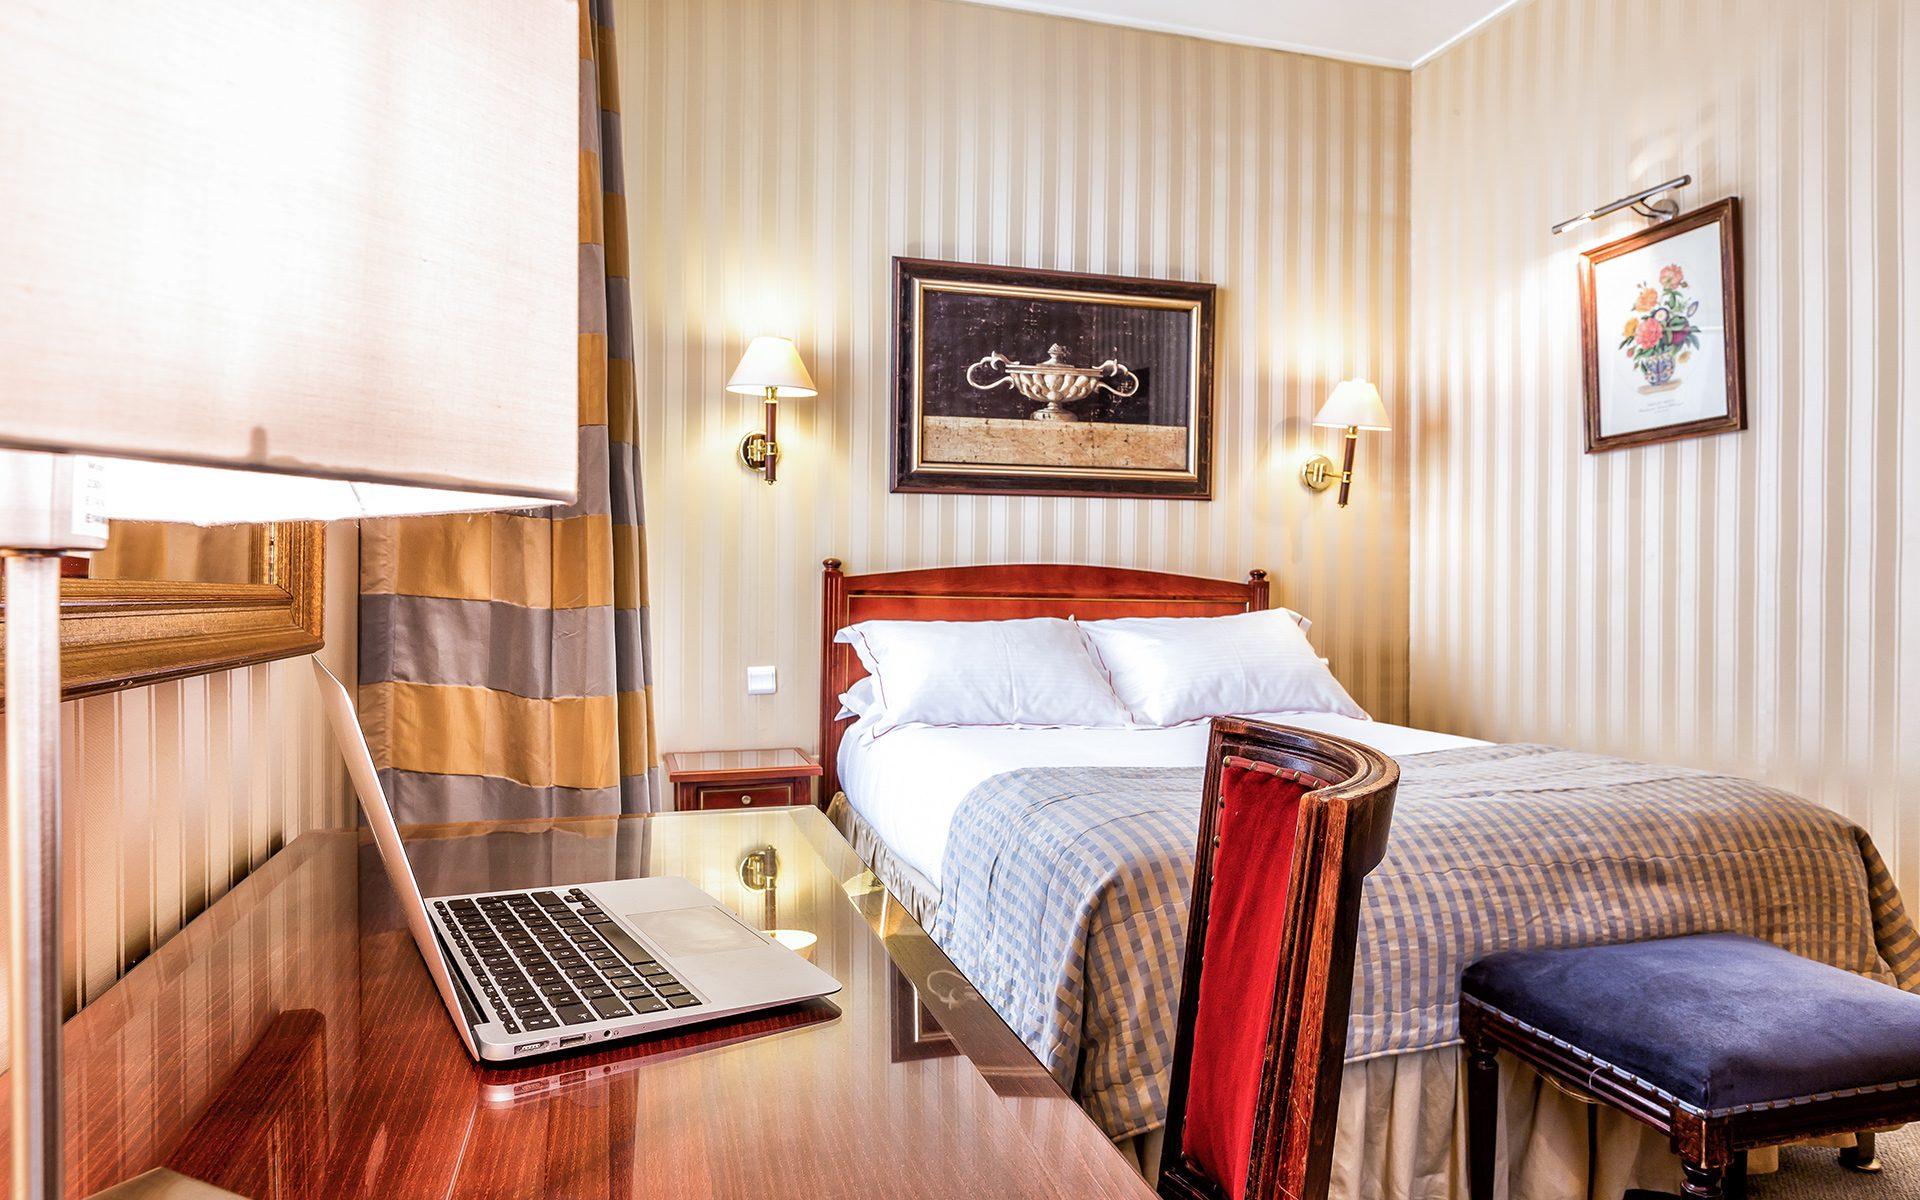 Chambre Deluxe Le régence Hôtel Paris 8 éme